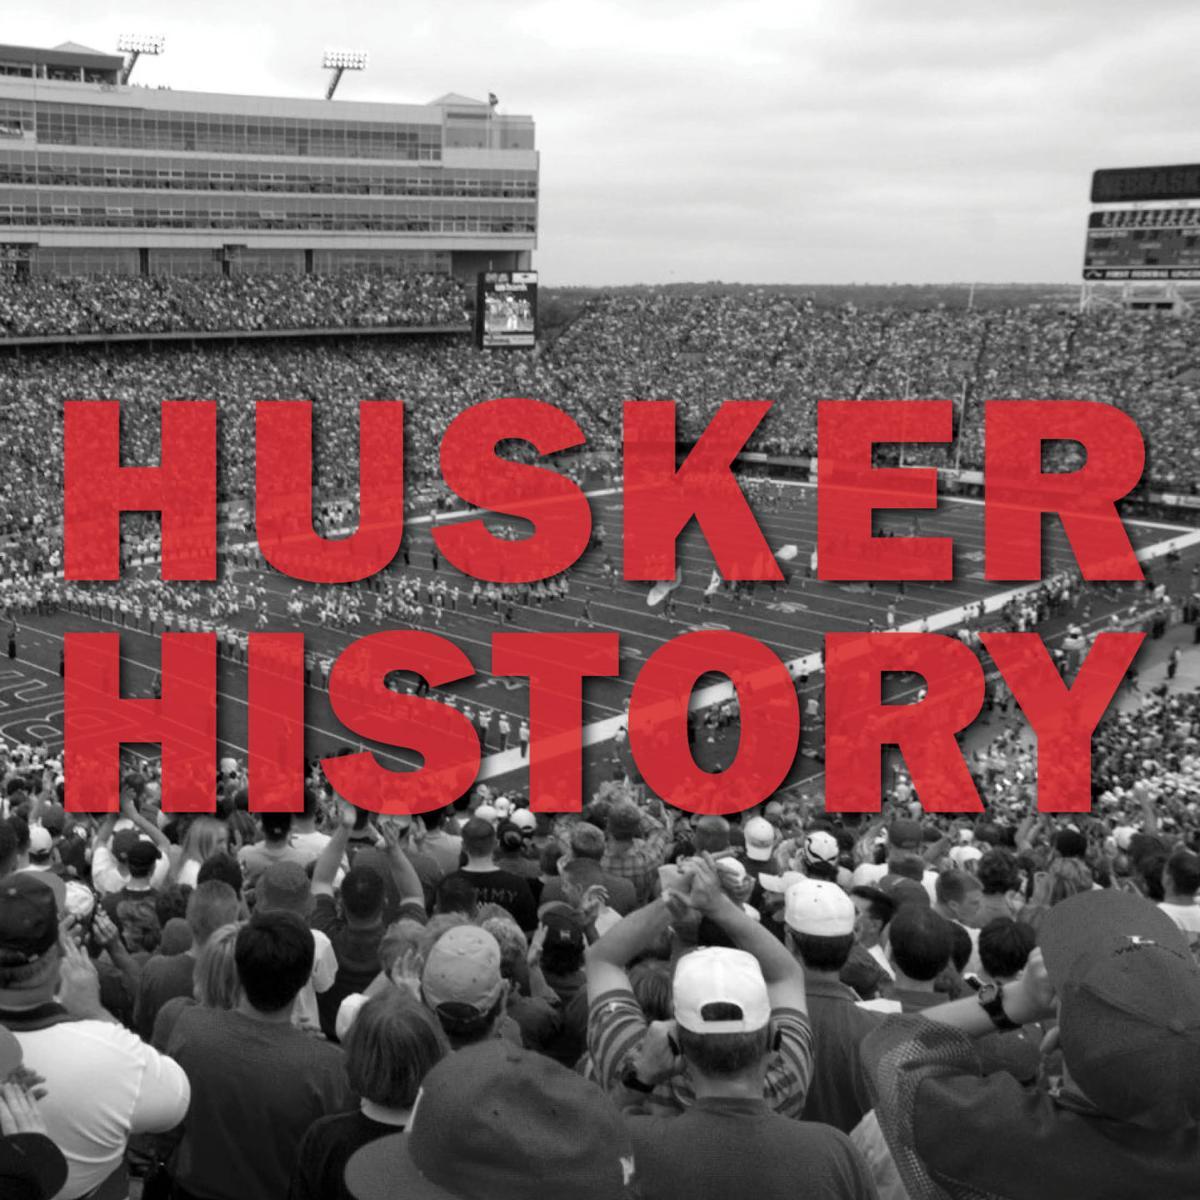 Follow Husker History on Twitter